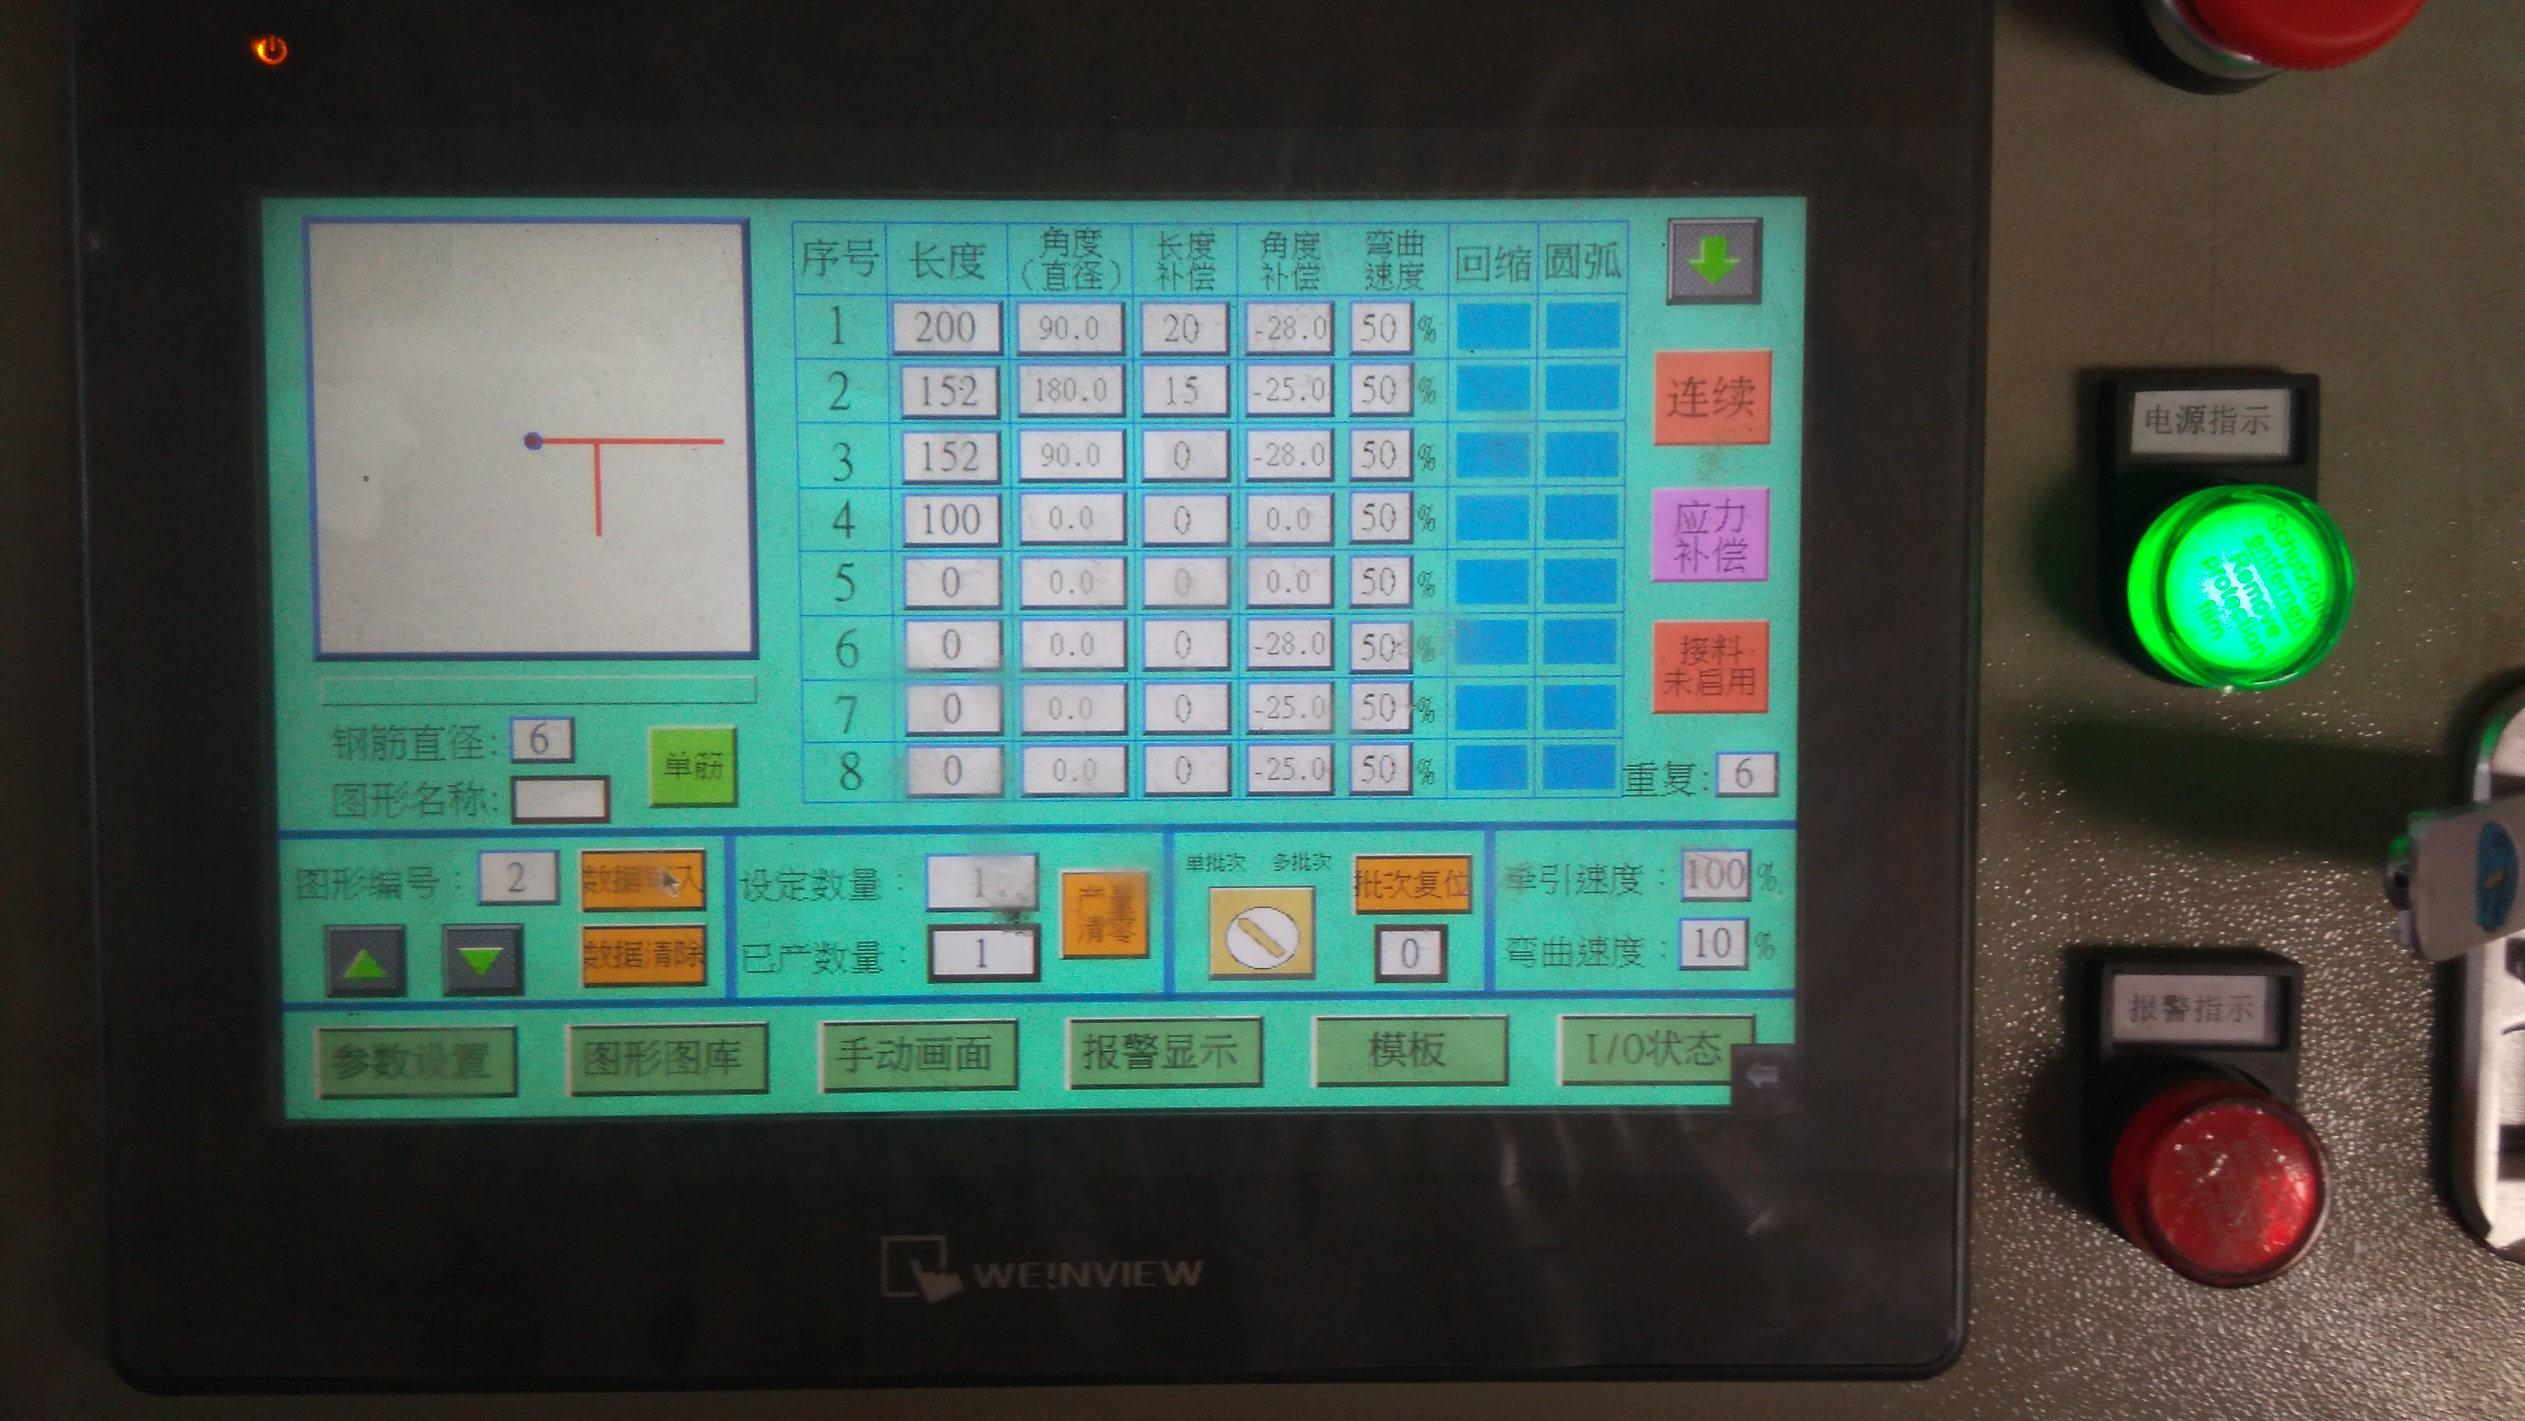 सीएनसी वायर झुकावण मशीन